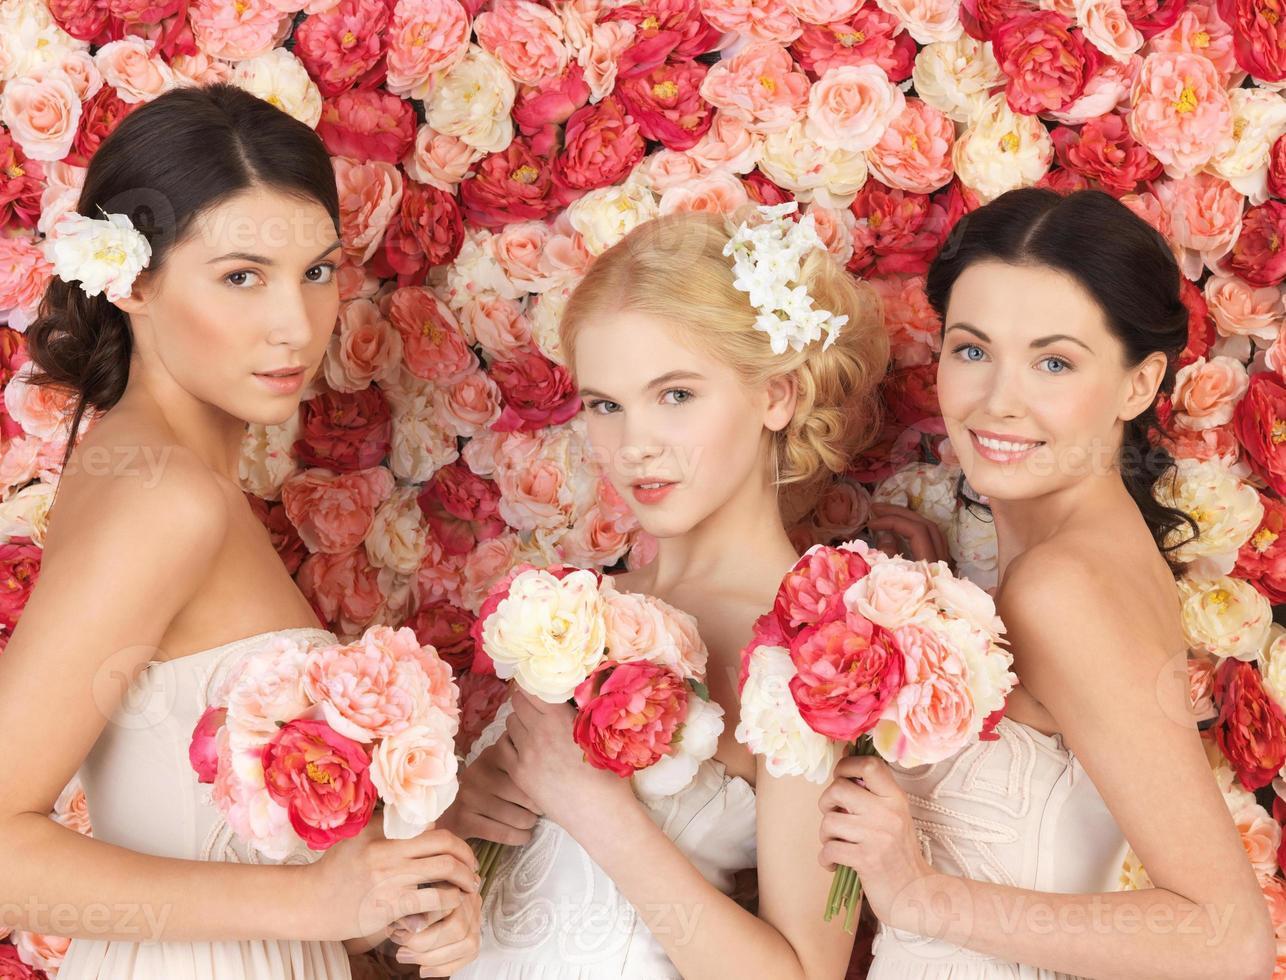 três mulheres com fundo cheio de rosas foto